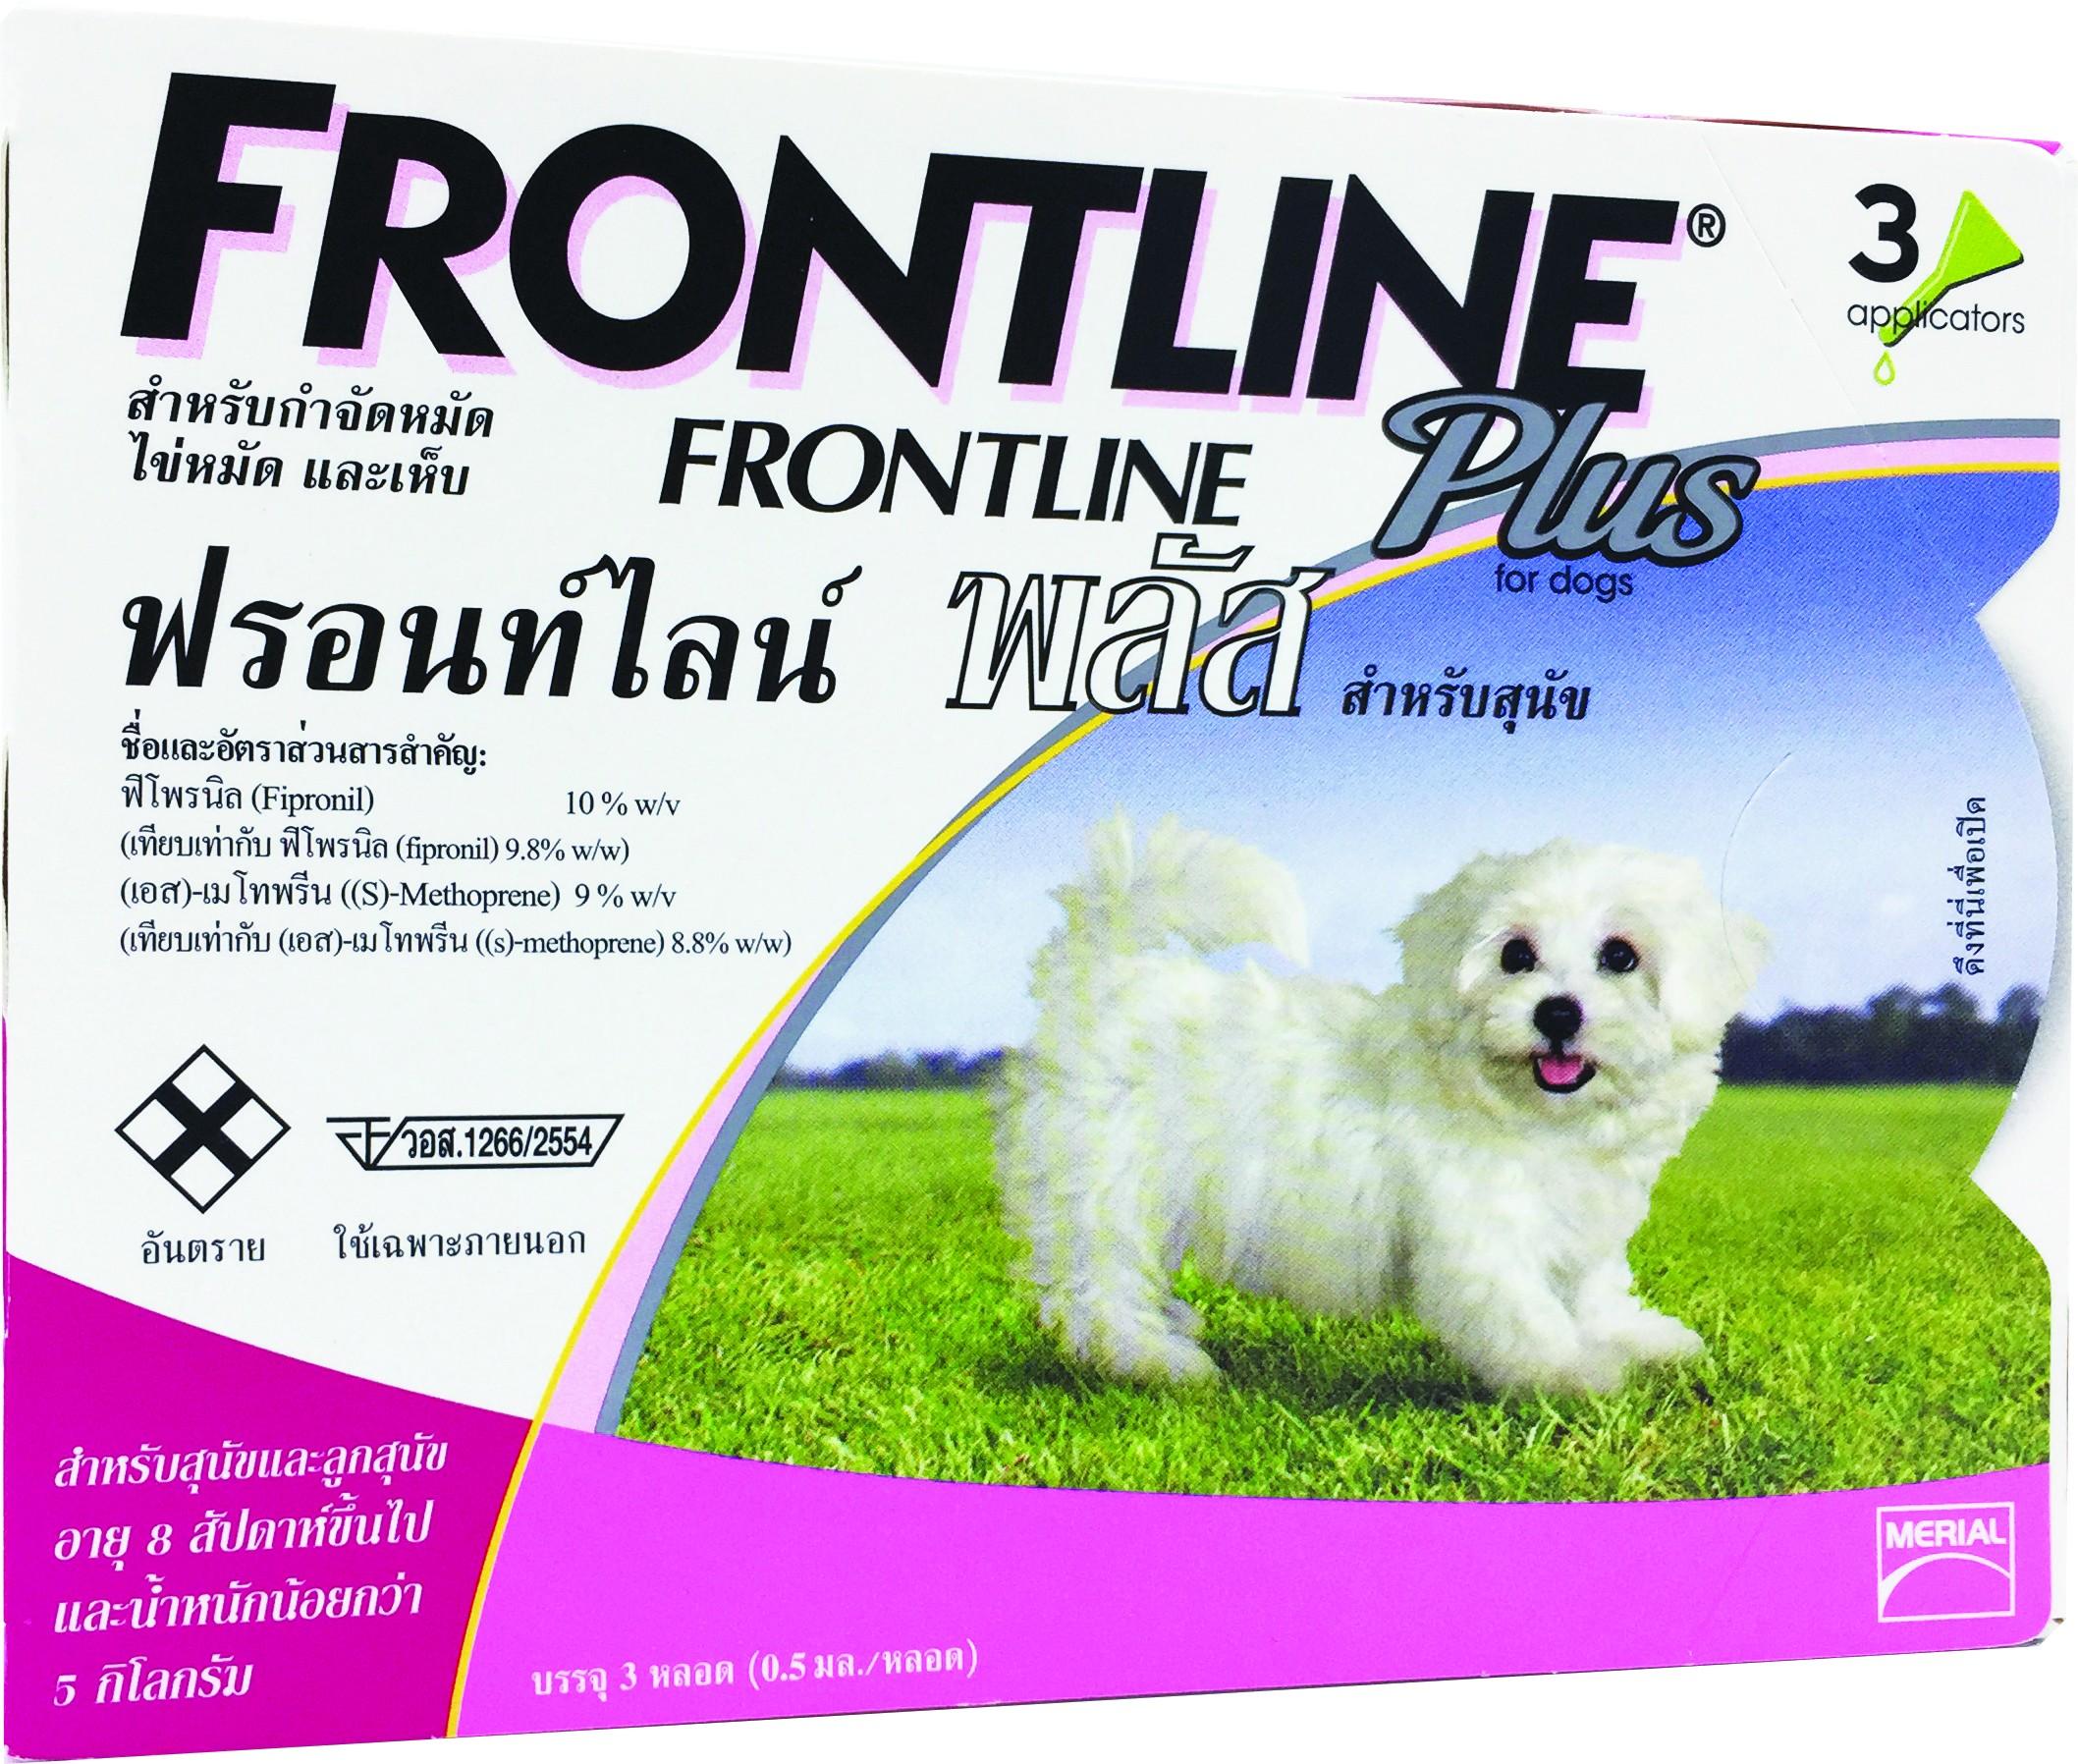 ฟรอนท์ไลน์ พลัส สุนัข XS /  1กล่อง x 3 ชิ้น